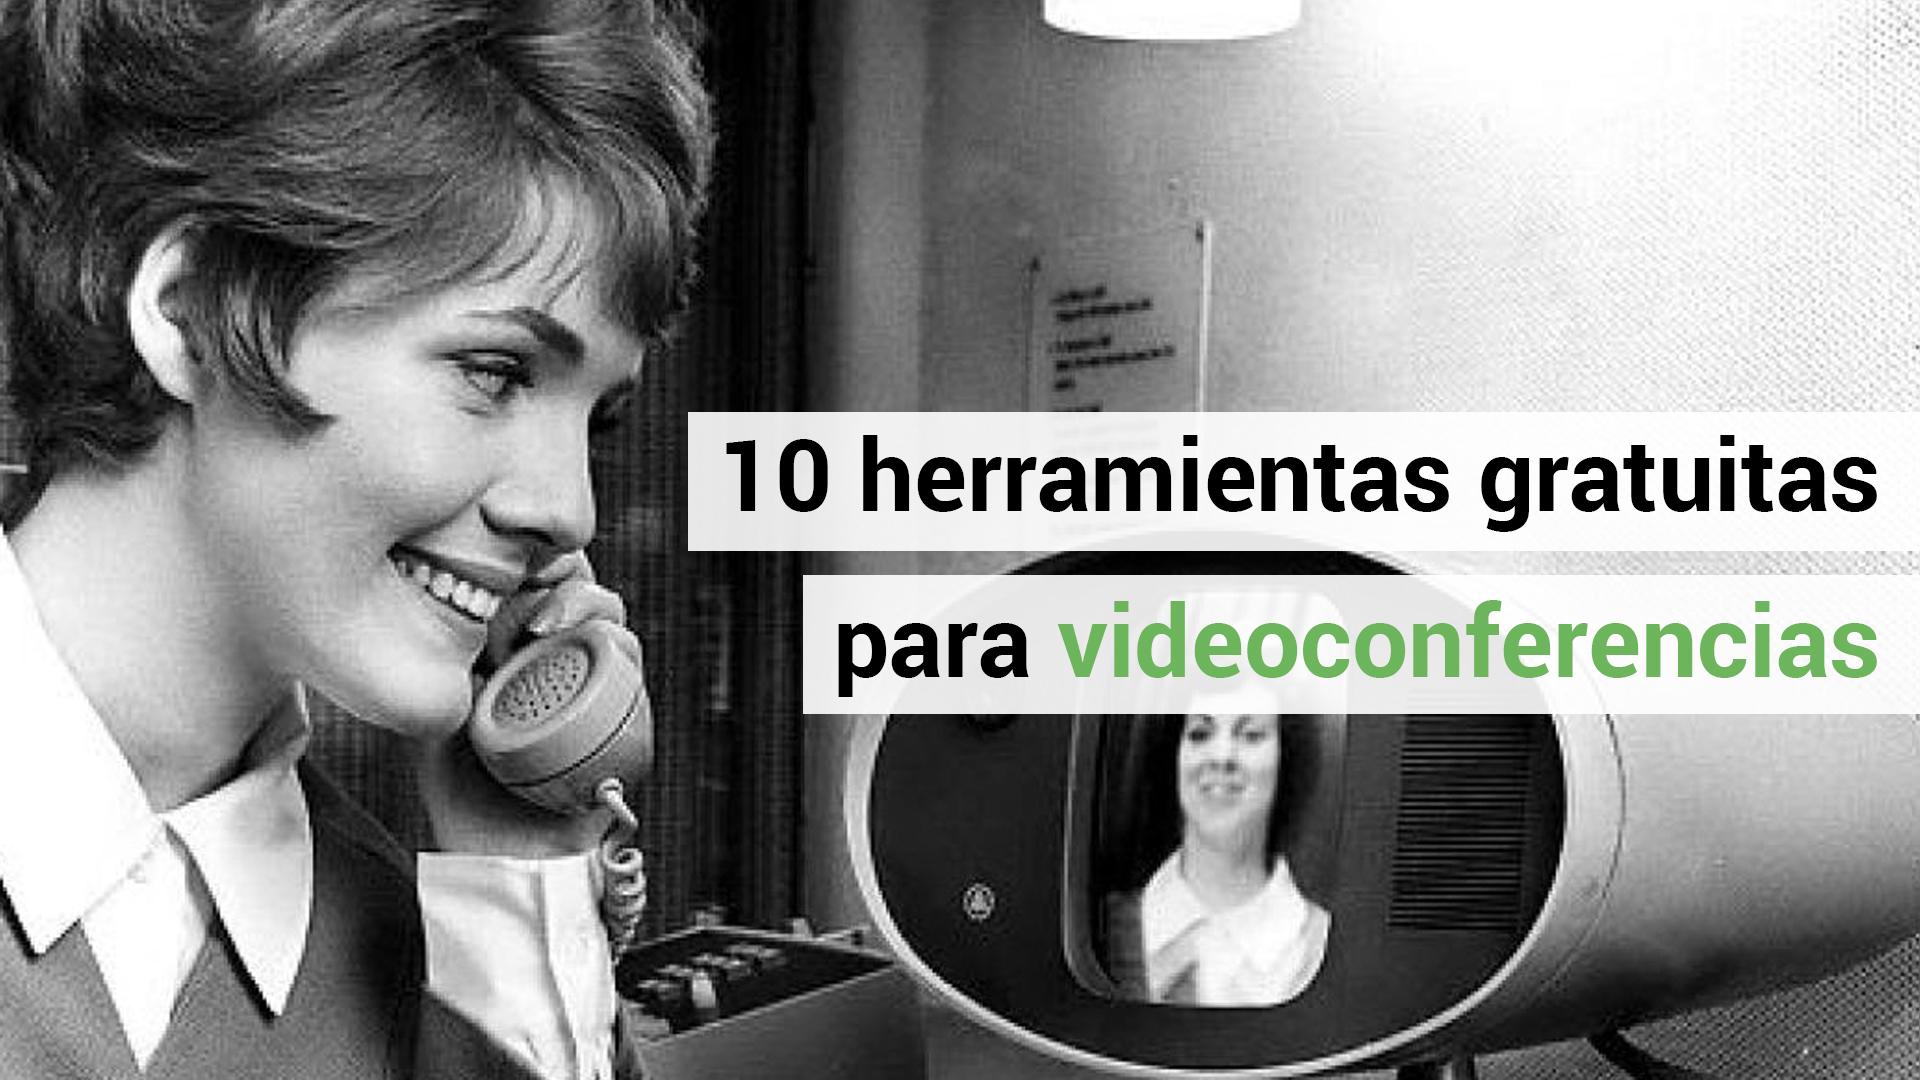 10 herramientas gratuitas para videoconferencias [Infografía]